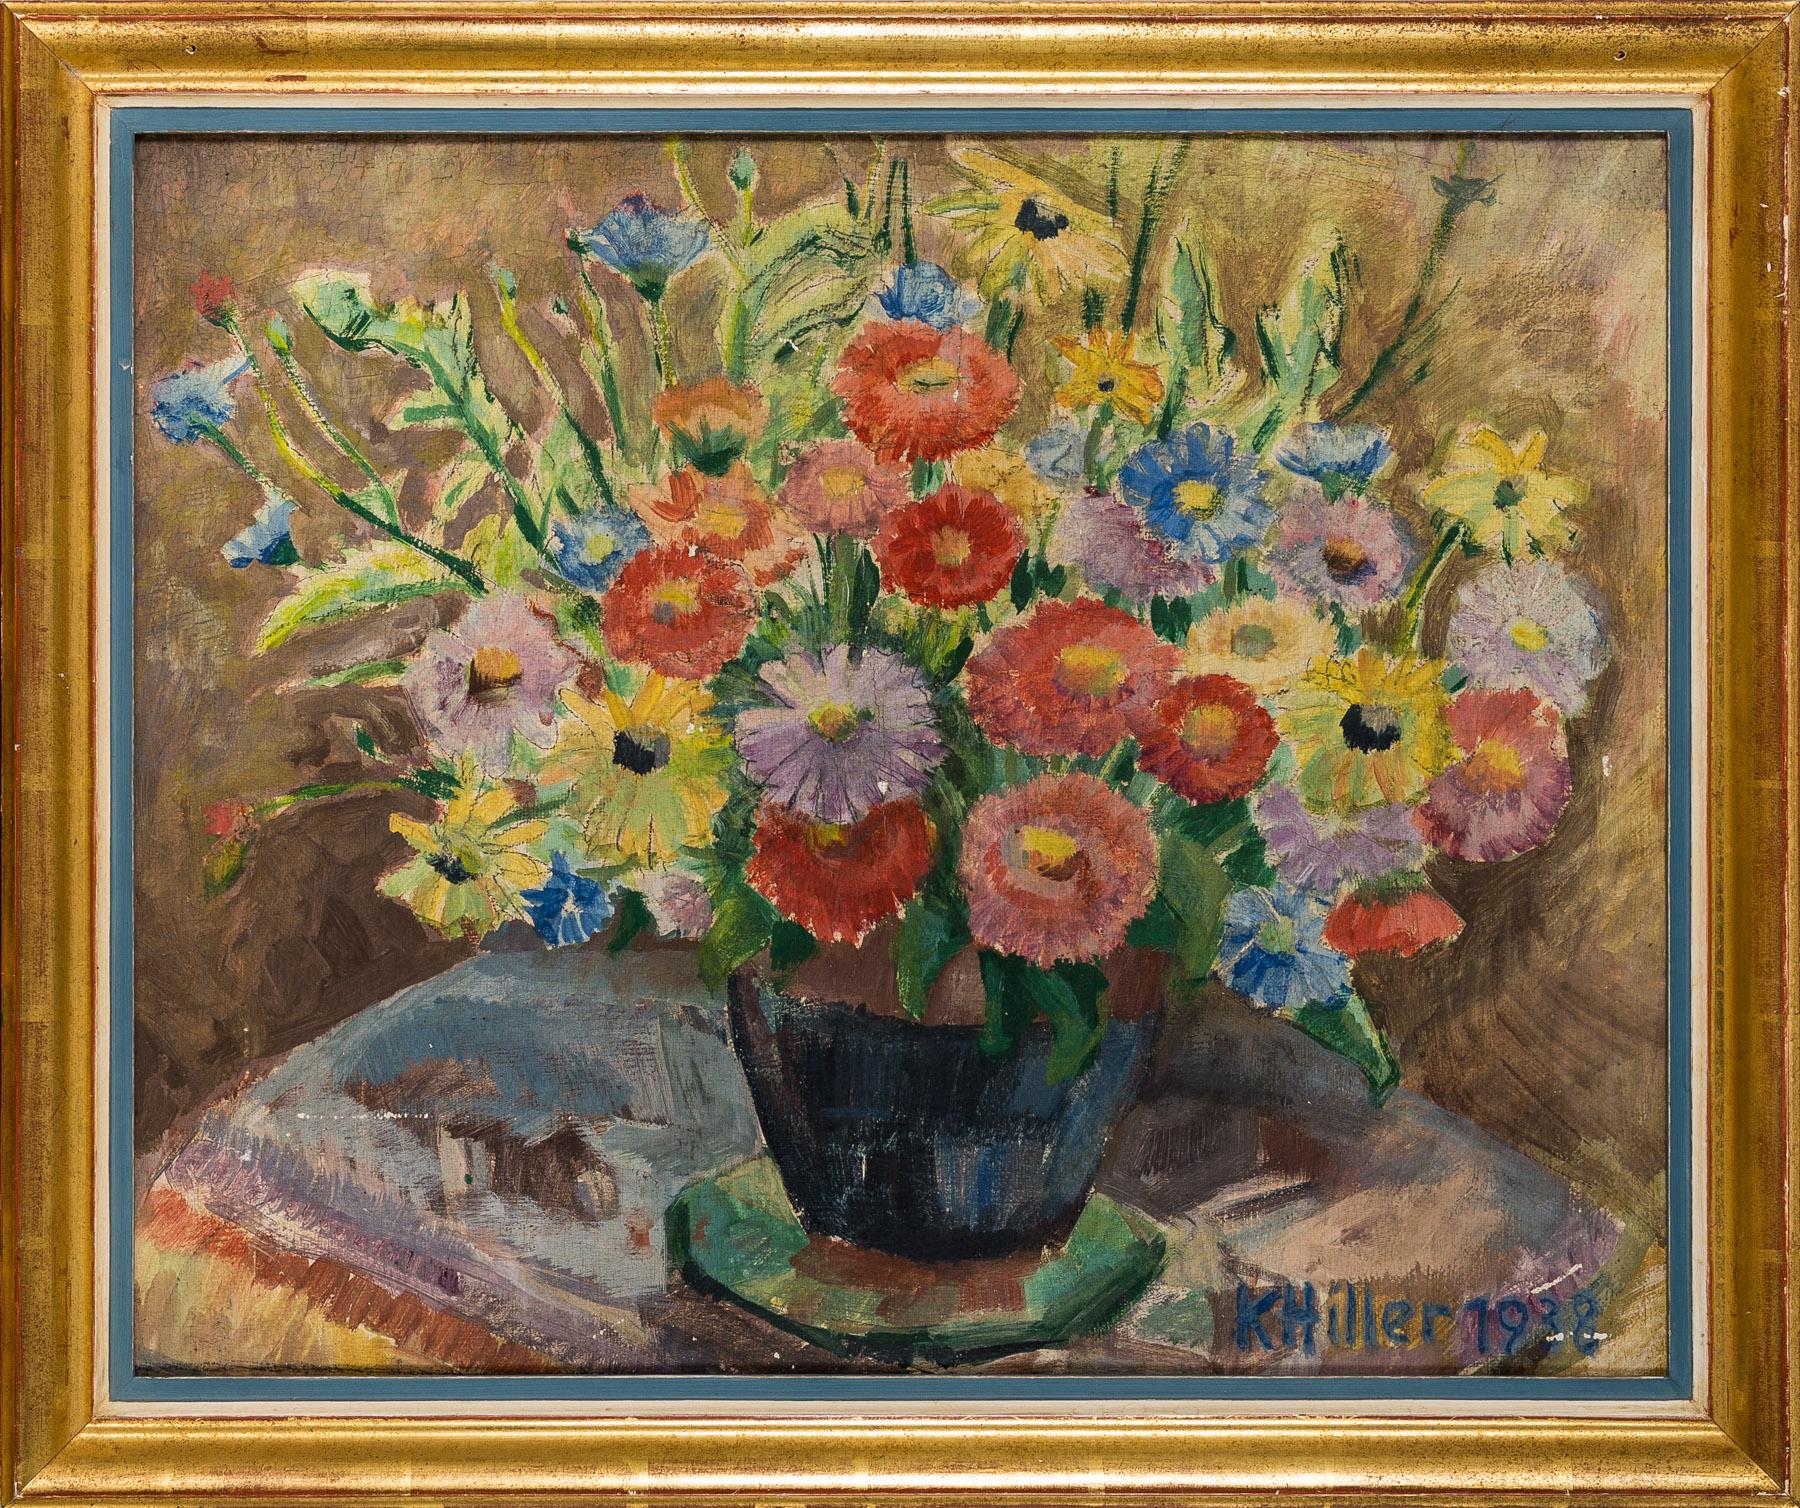 Kwiaty w wazonie, 1938